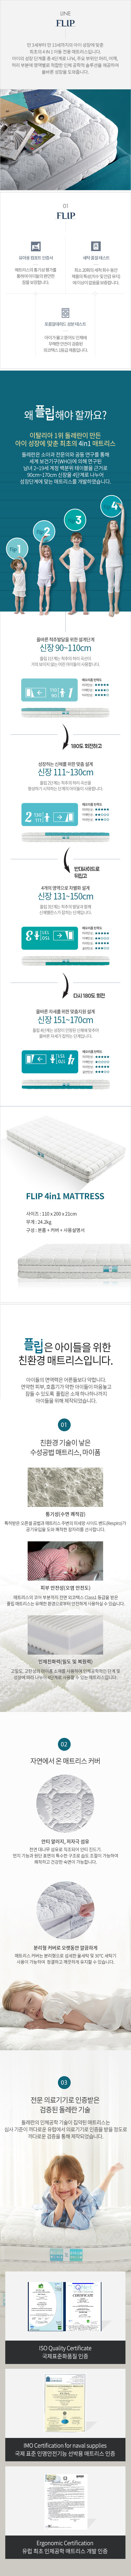 FLIP_mobile.jpg